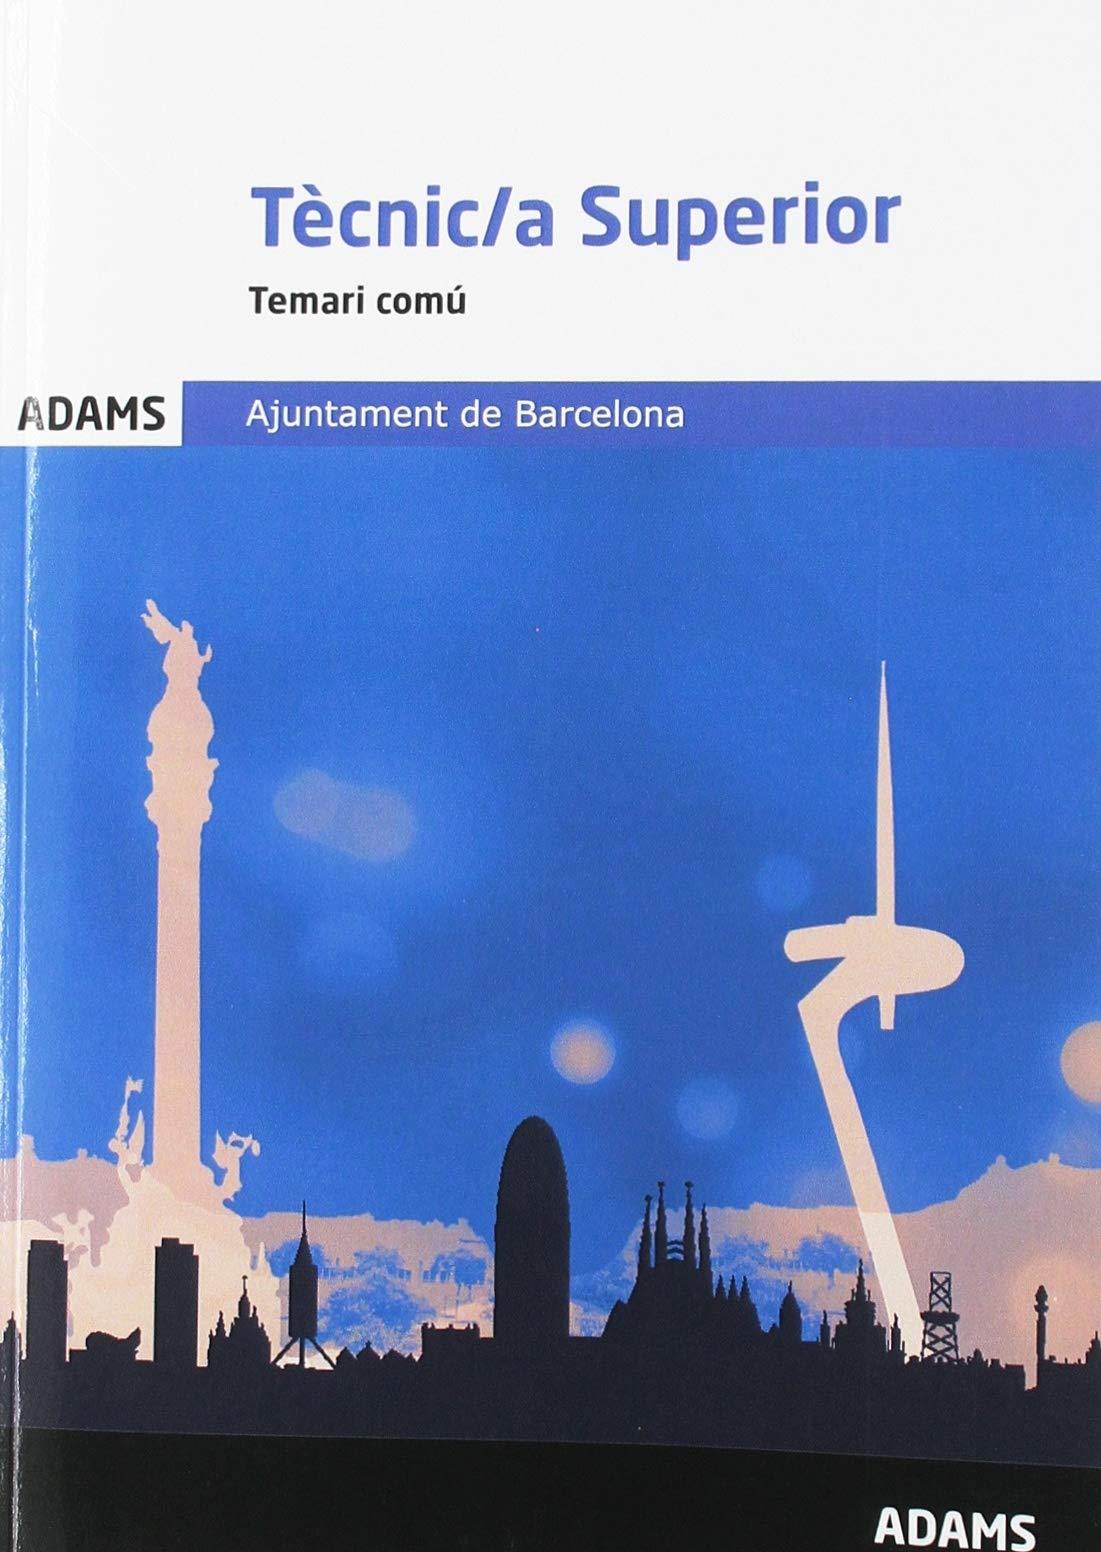 Temari comú Tècnic/a Superior Ajuntament de Barcelona